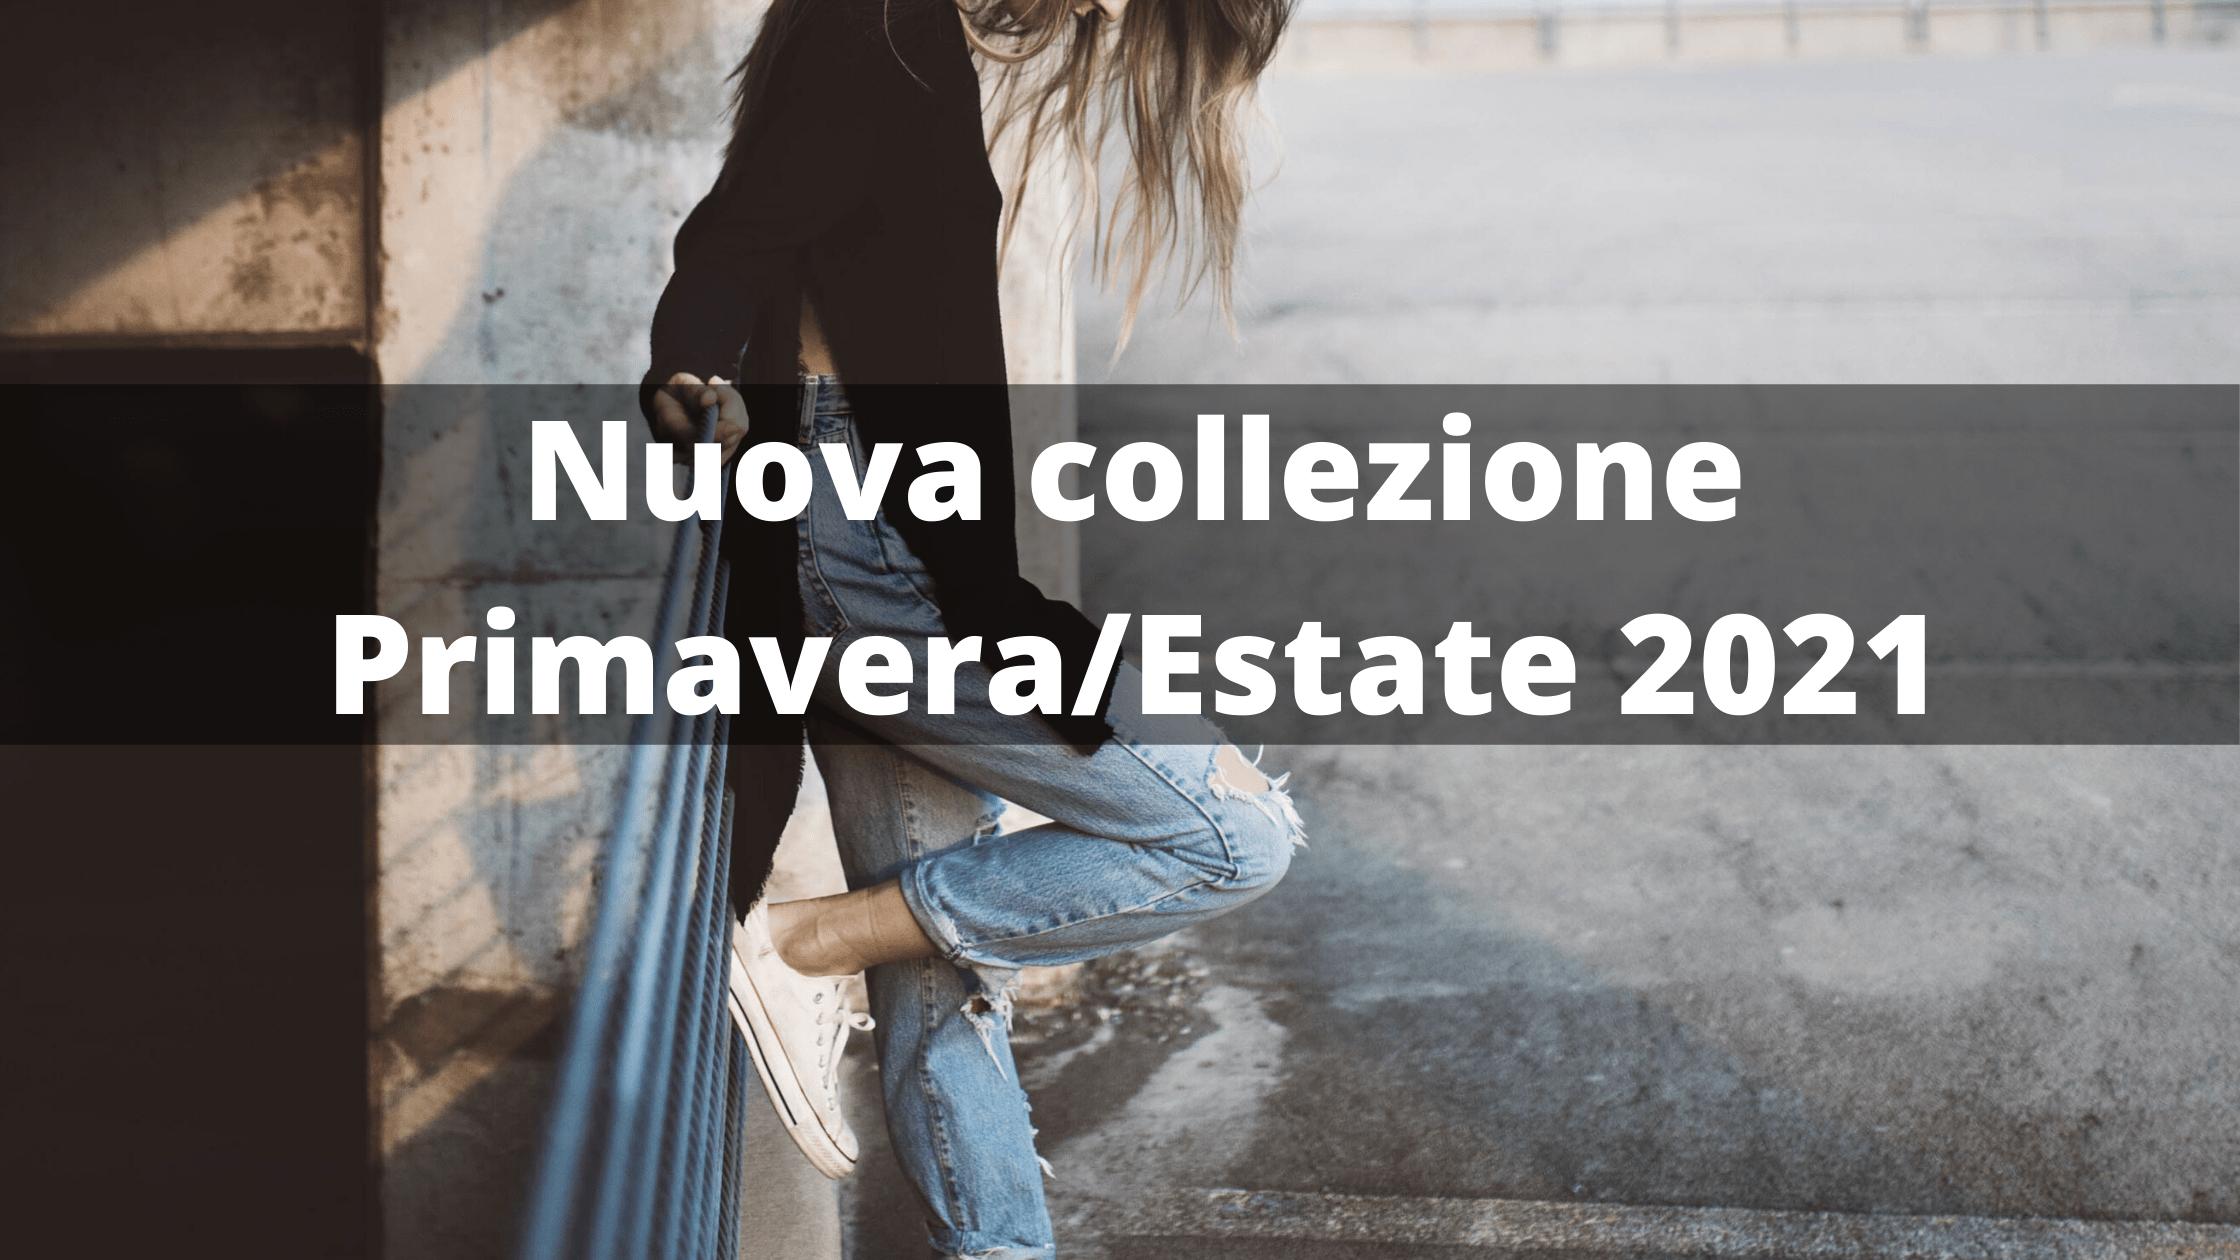 Nuova collezione Primavera/Estate 2021